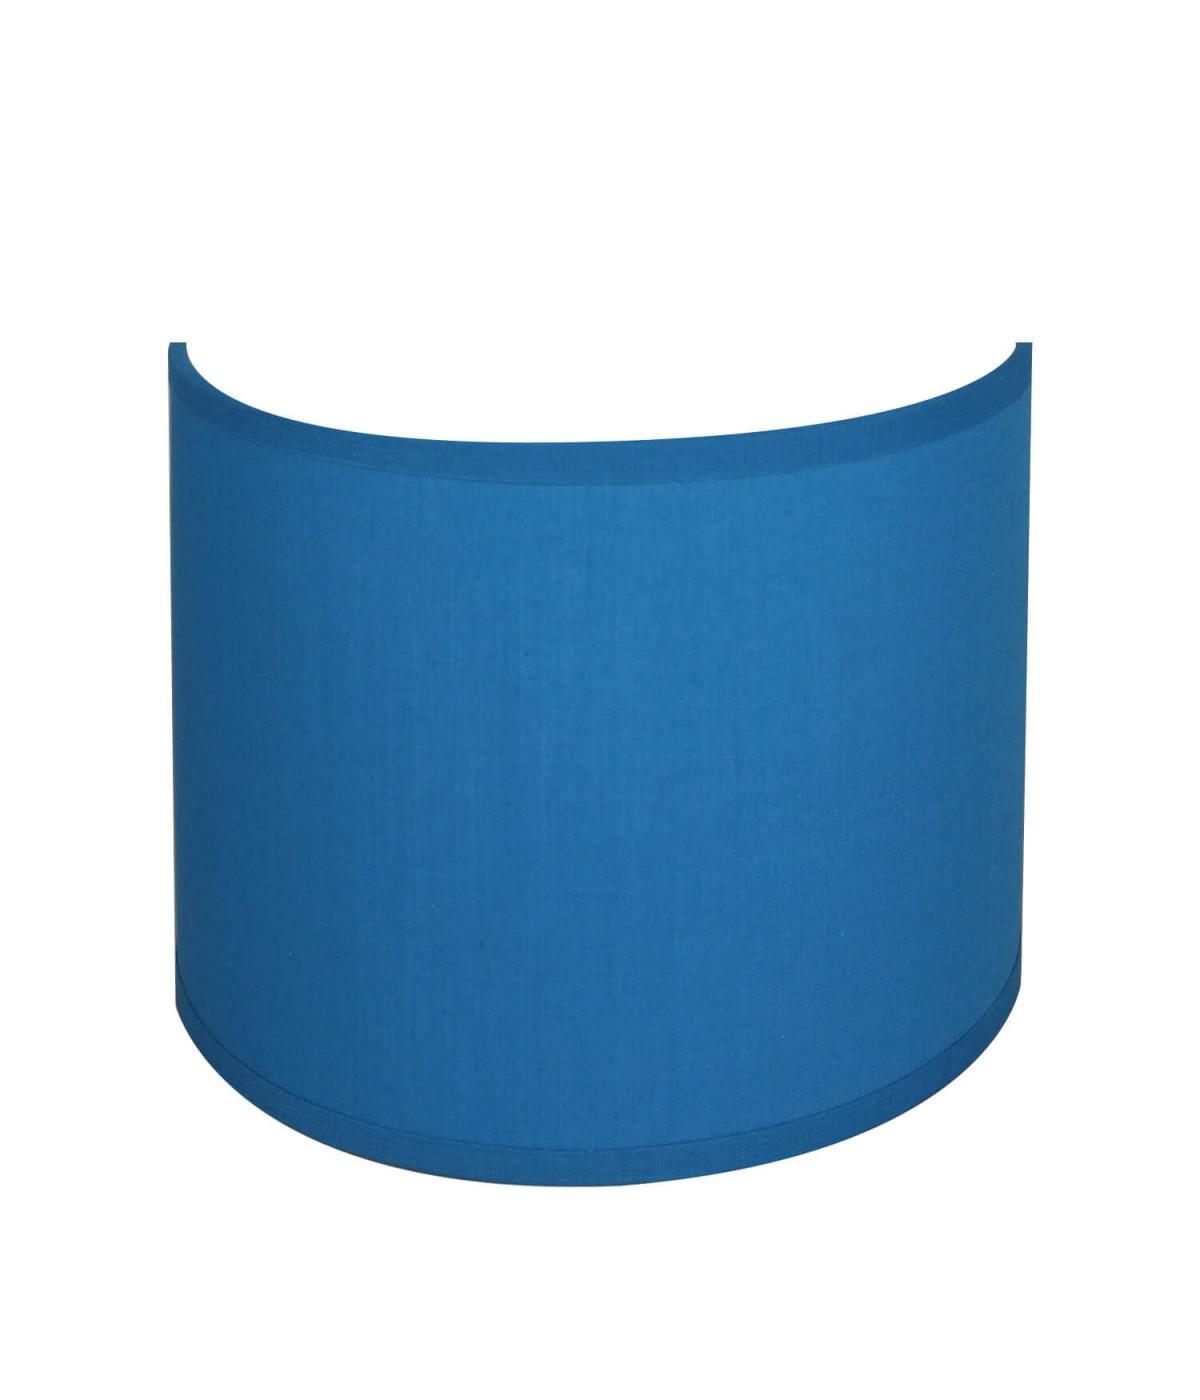 applique ronde bleu